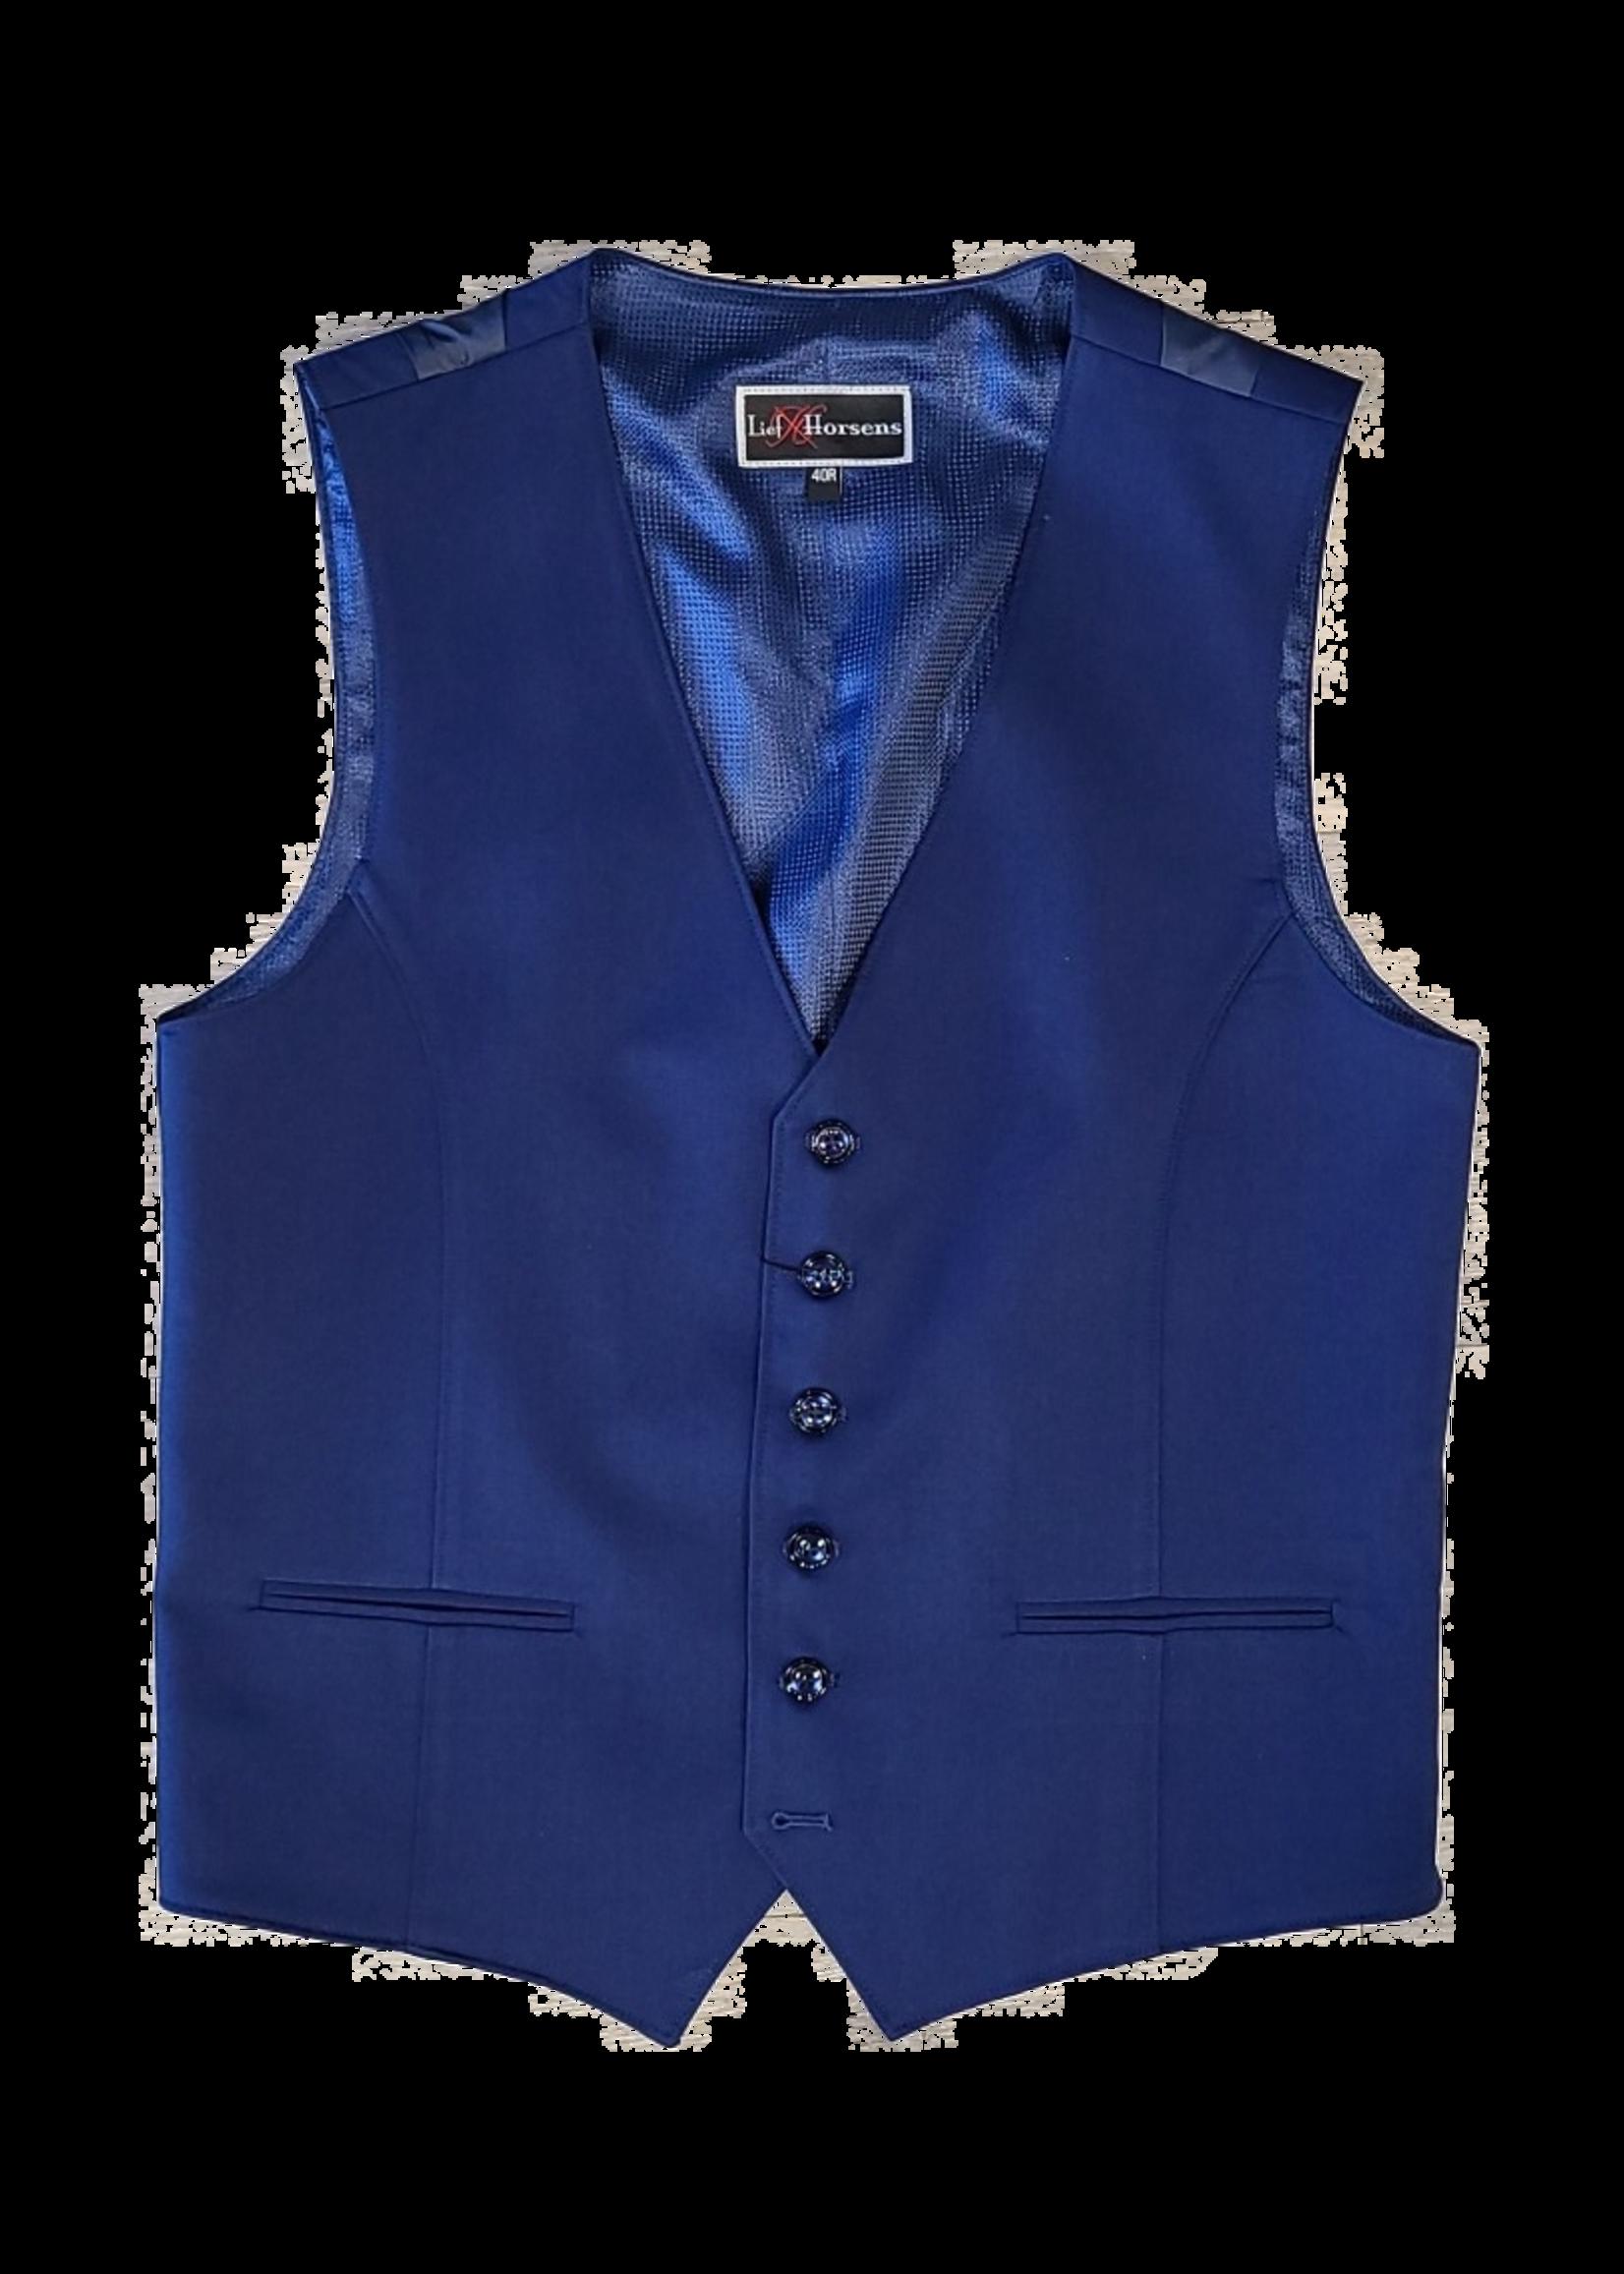 Lief Horsens Lief Horsens Rogue 1213 3 Piece Suit